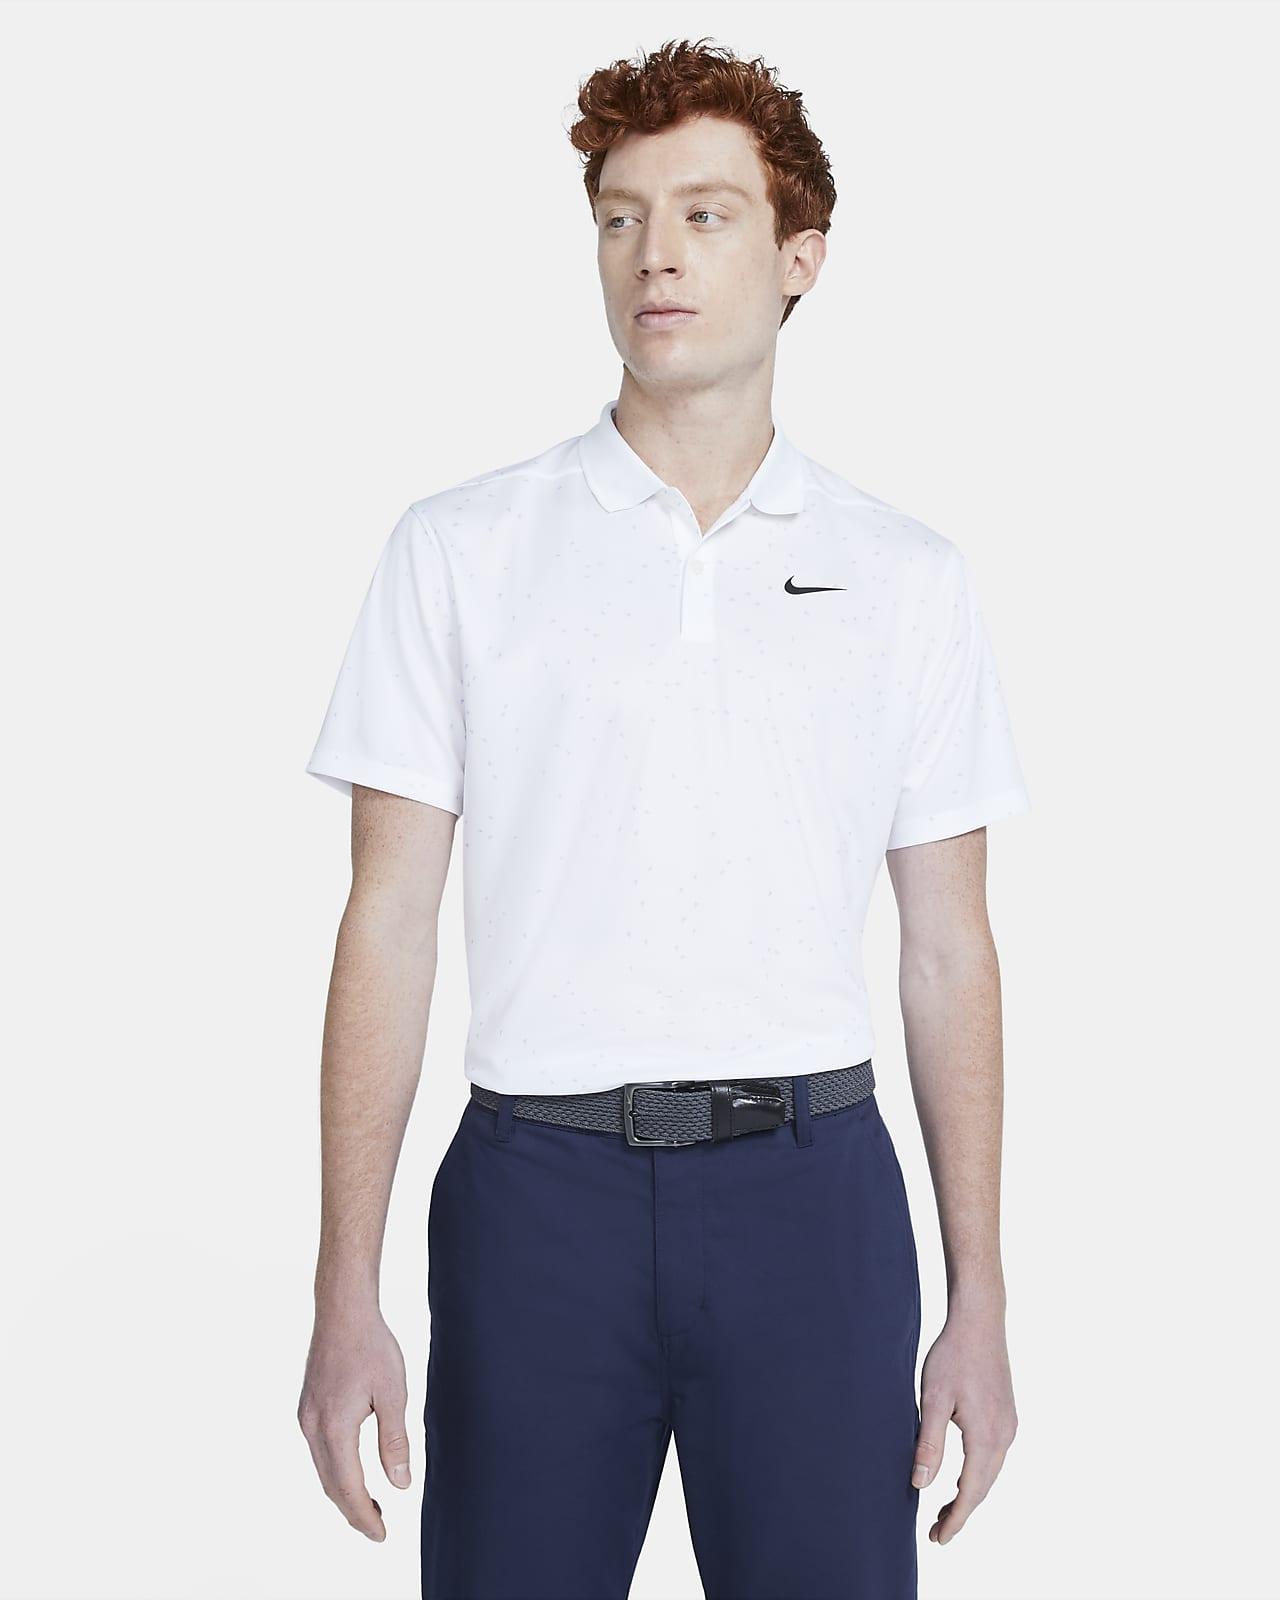 เสื้อโปโลกอล์ฟพิมพ์ลายผู้ชาย Nike Dri-FIT Victory